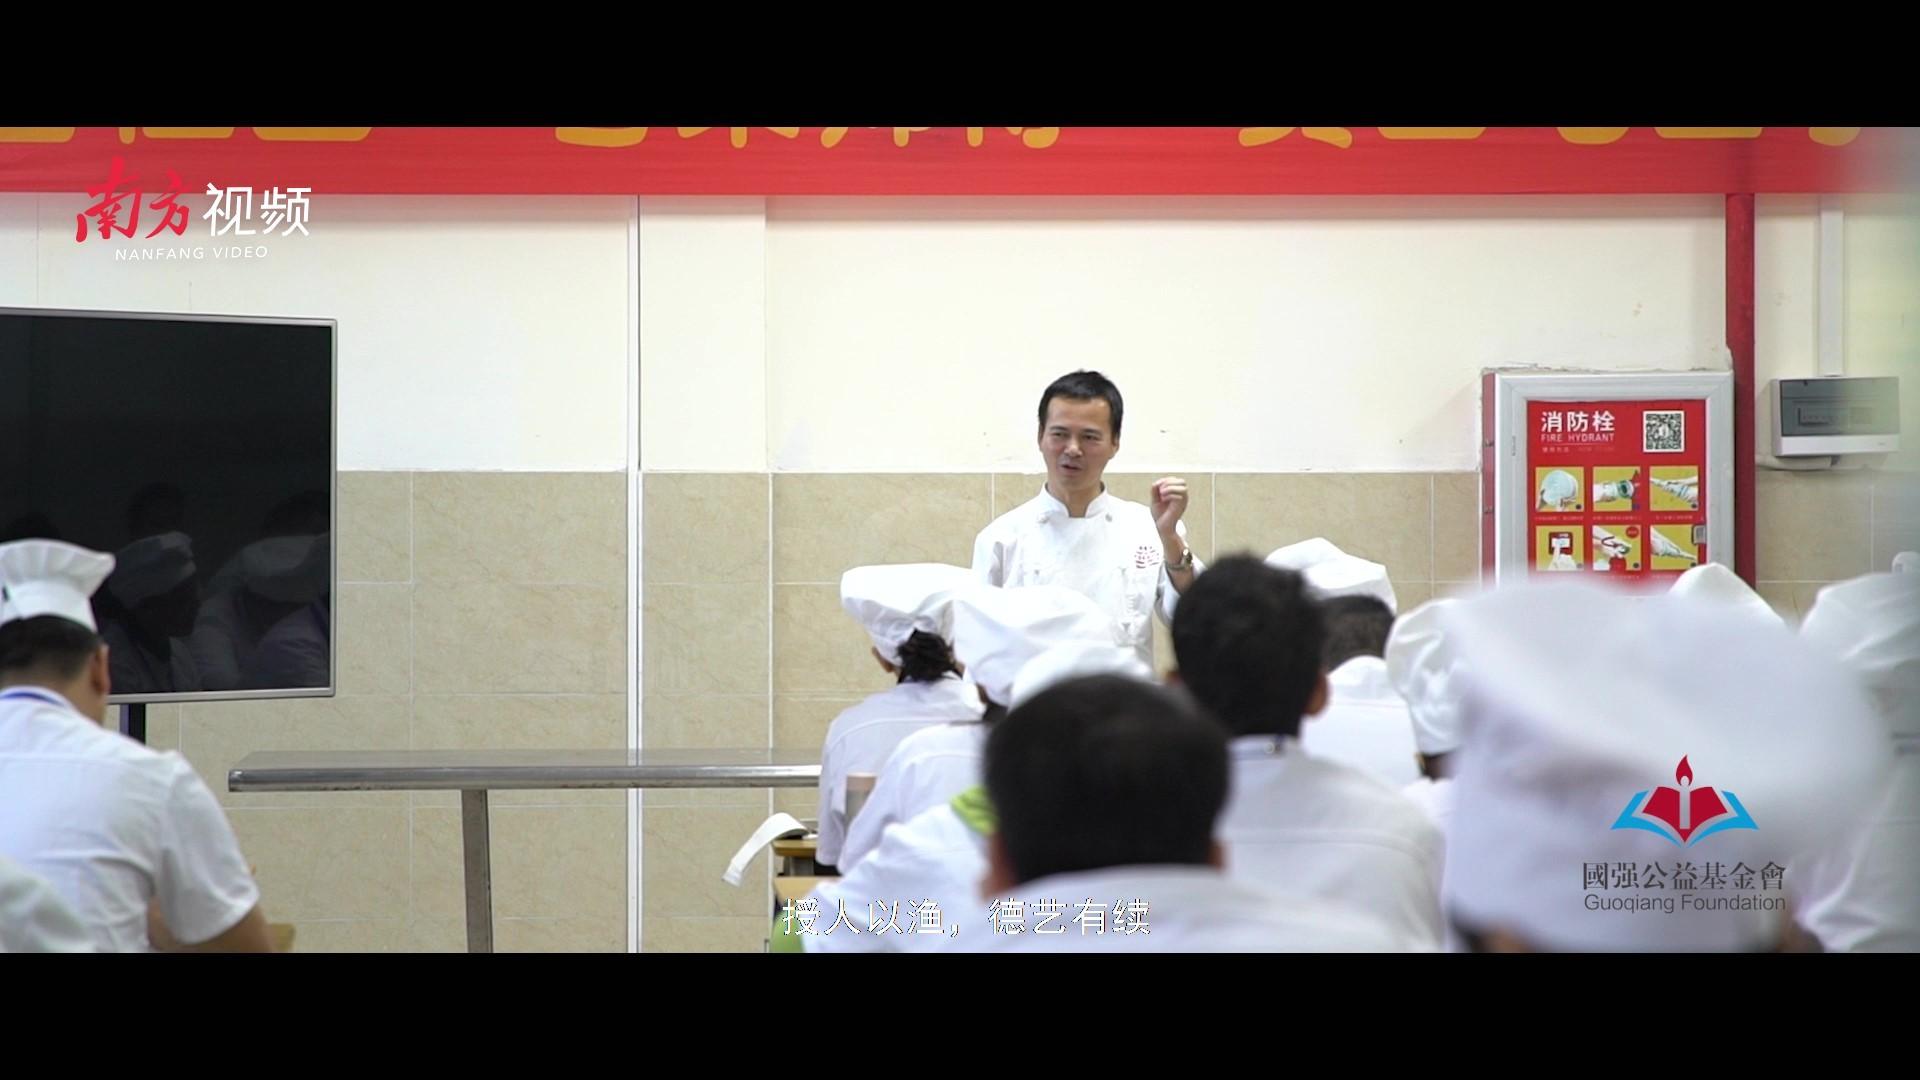 粤菜师傅SHOW背后:有人找到新生活,有人继续守护粤菜